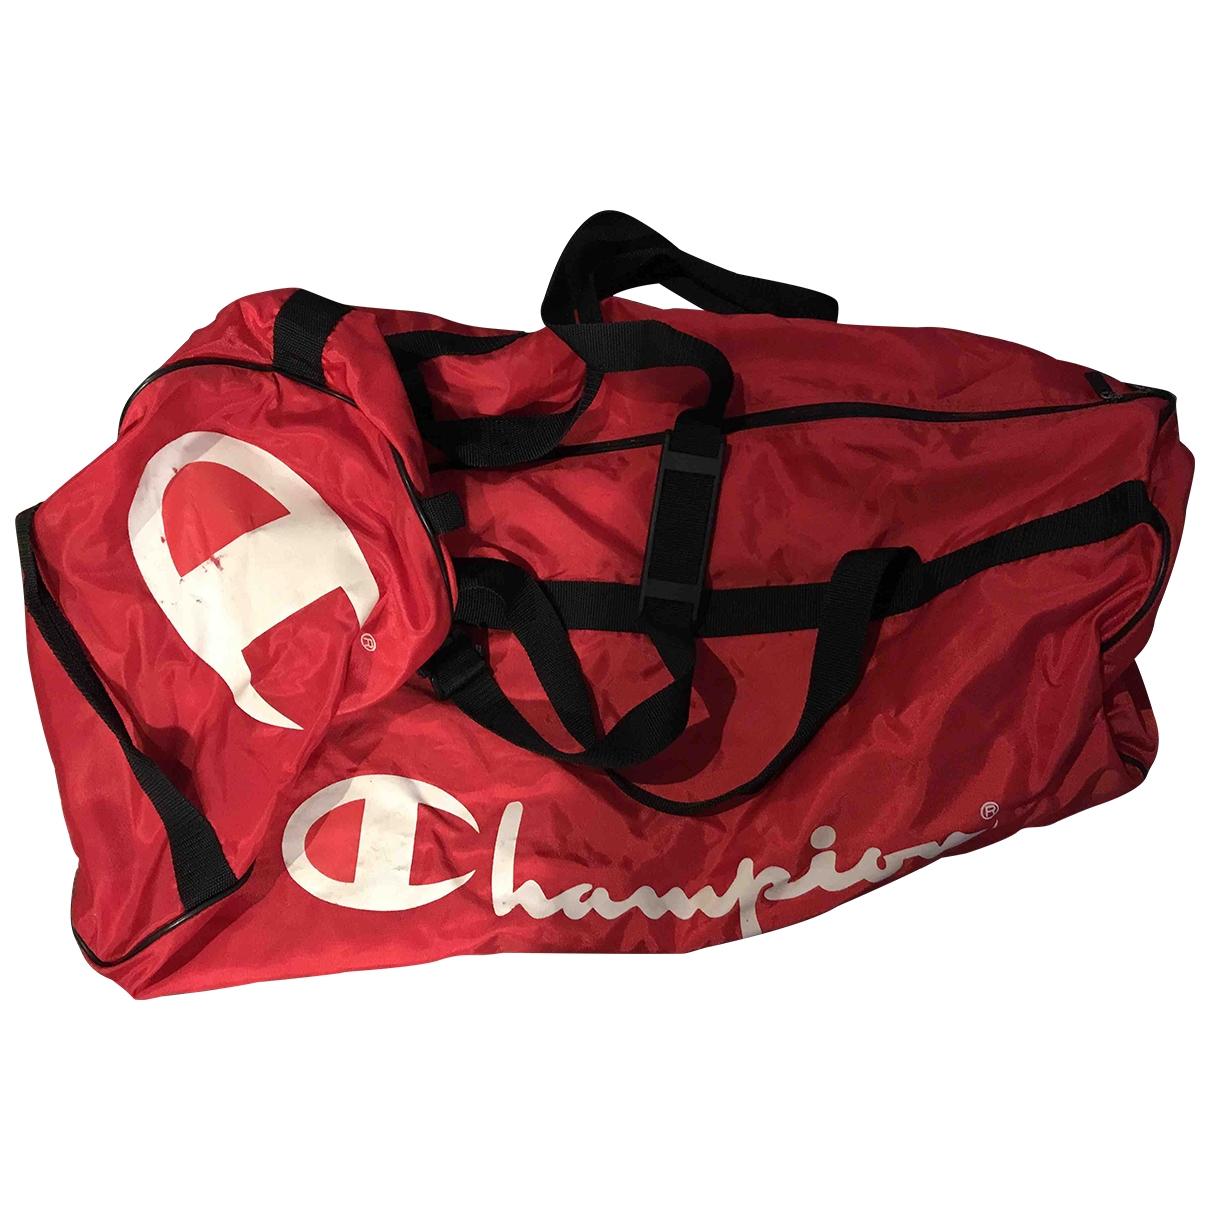 Champion - Sac de voyage   pour femme en toile - rouge